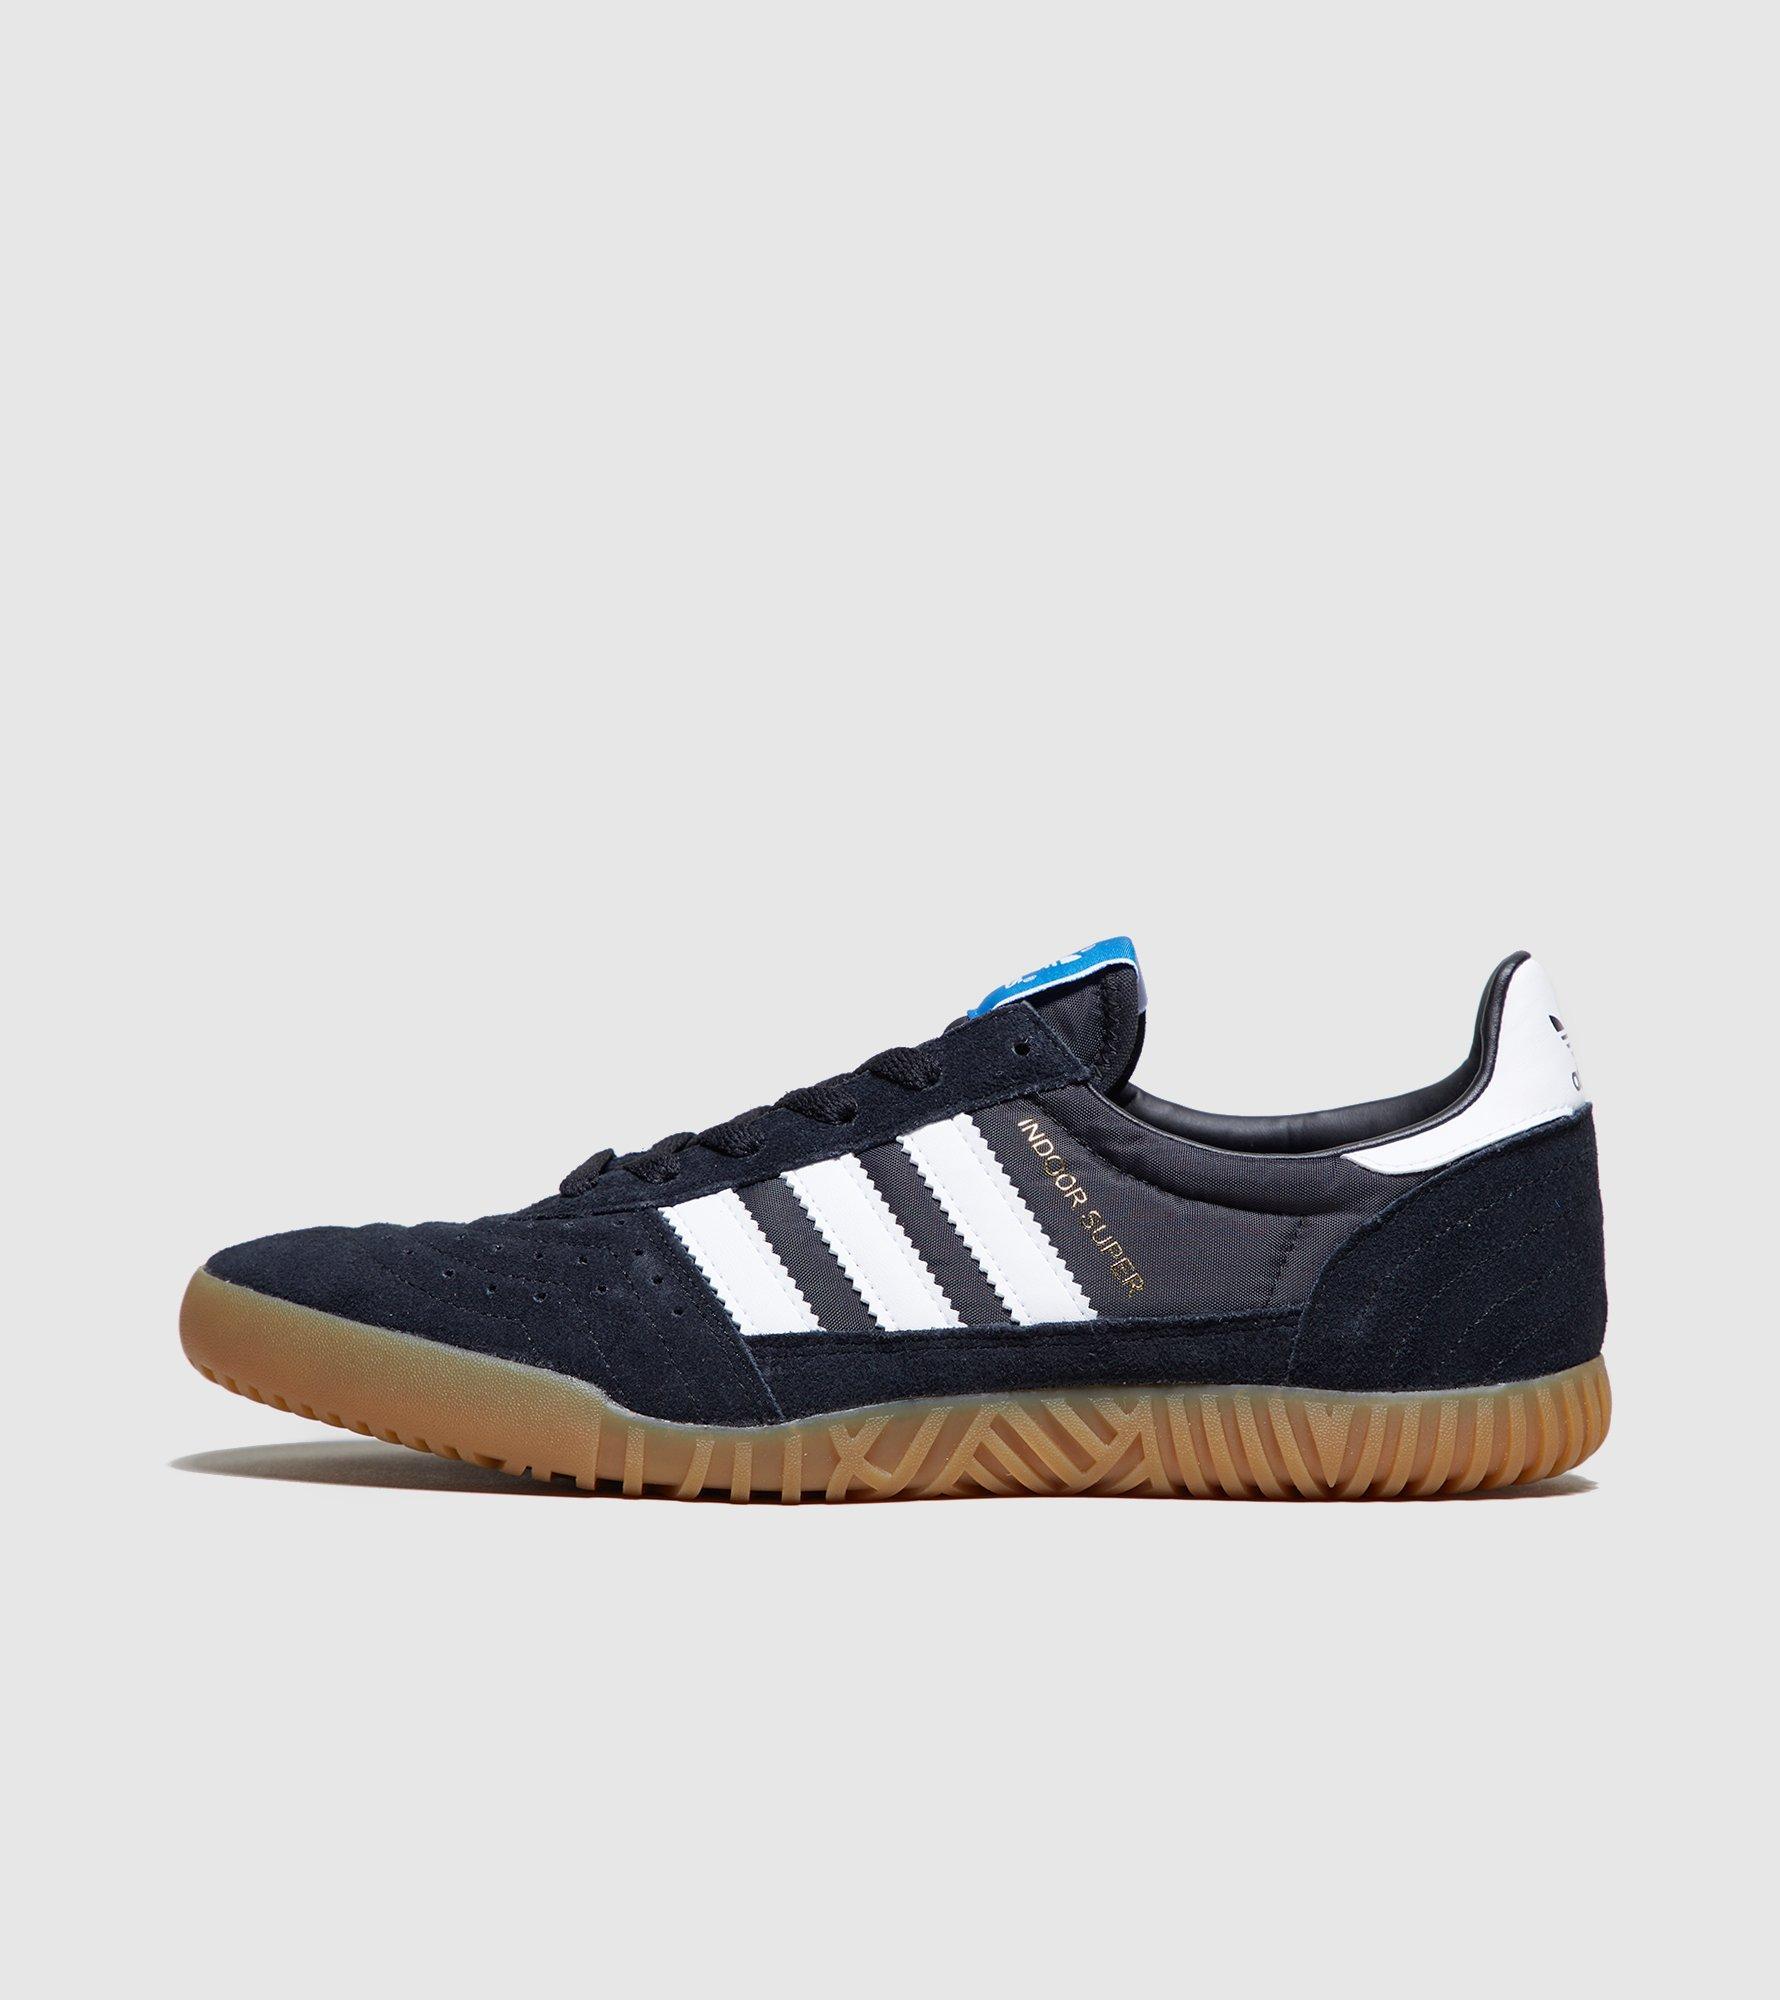 7ee9004633c Adidas Originals Indoor Super in Black for Men - Lyst